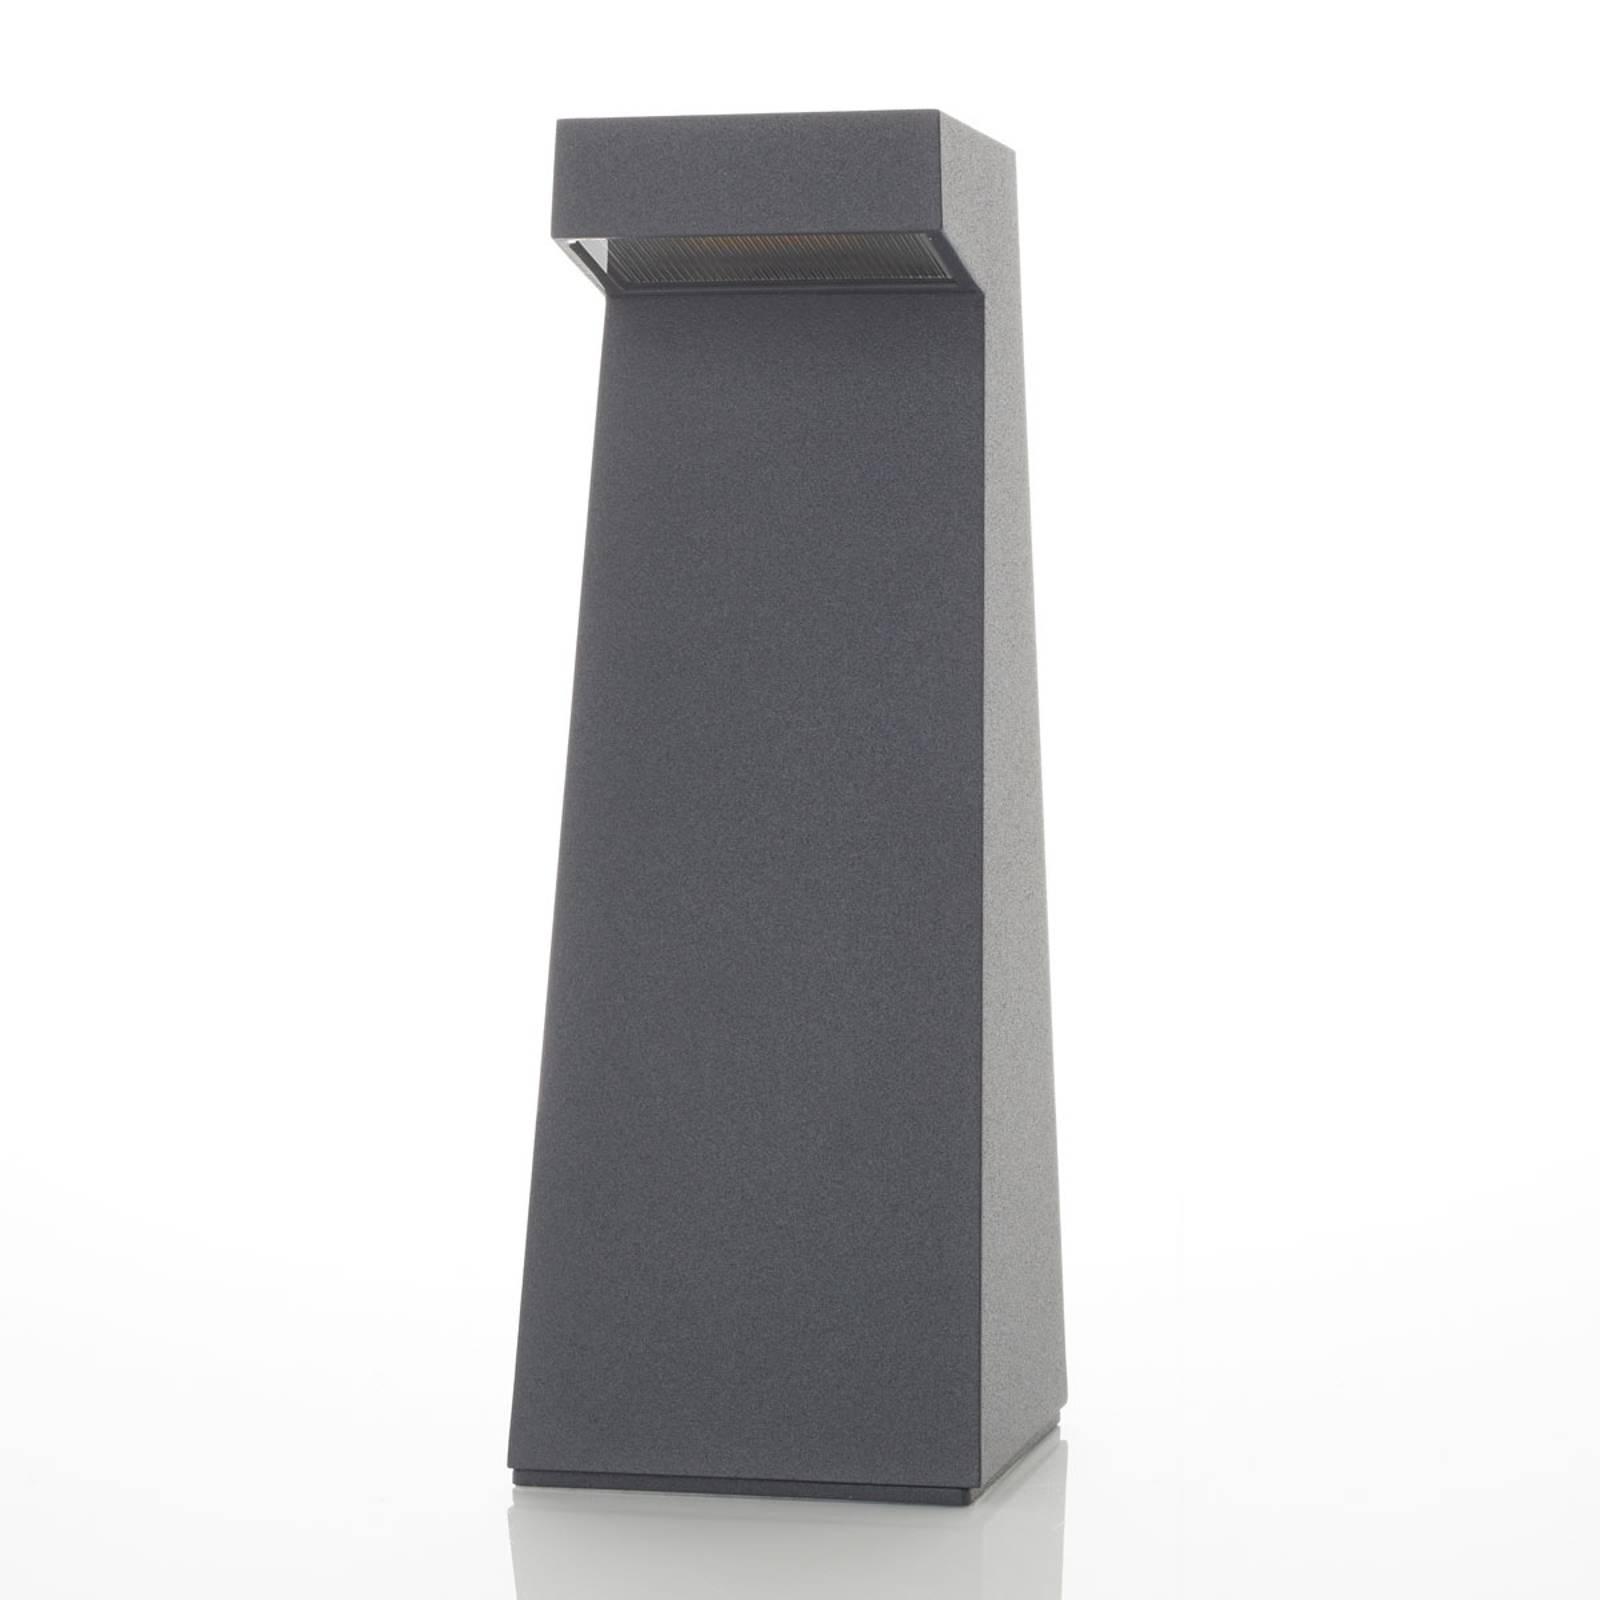 BEGA 84108 - LED-pollarivalaisin, grafiitti, 3000K